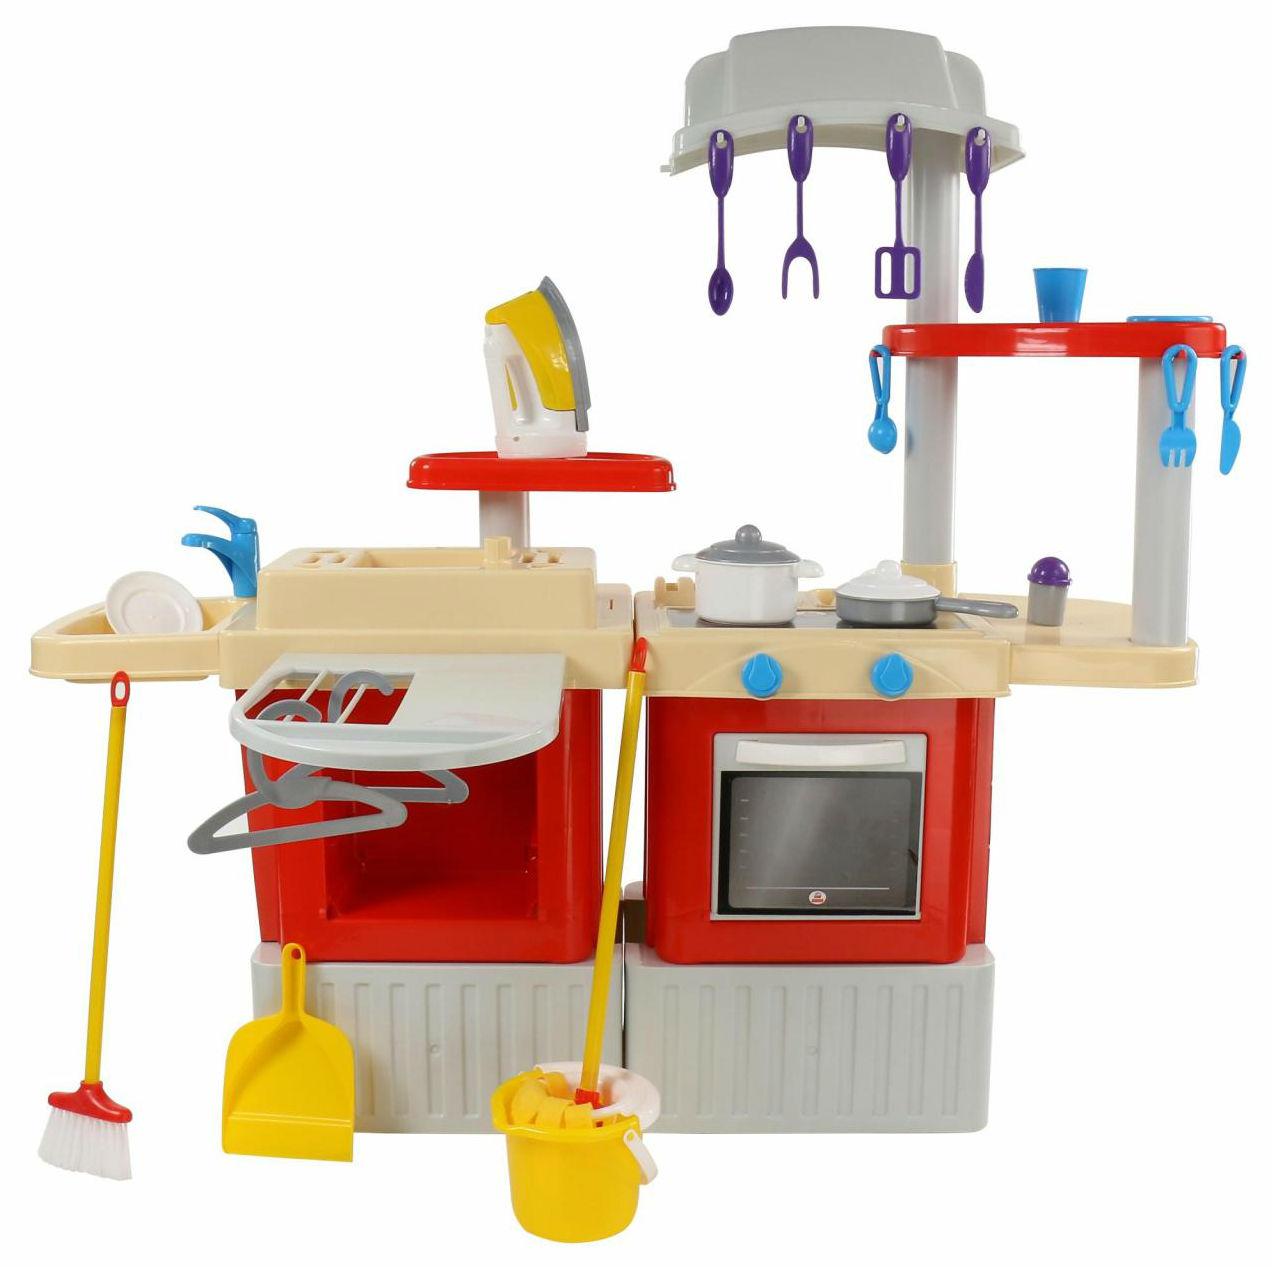 Купить Игрушечные кухни, Детская кухня Coloma Infinity basic №4,